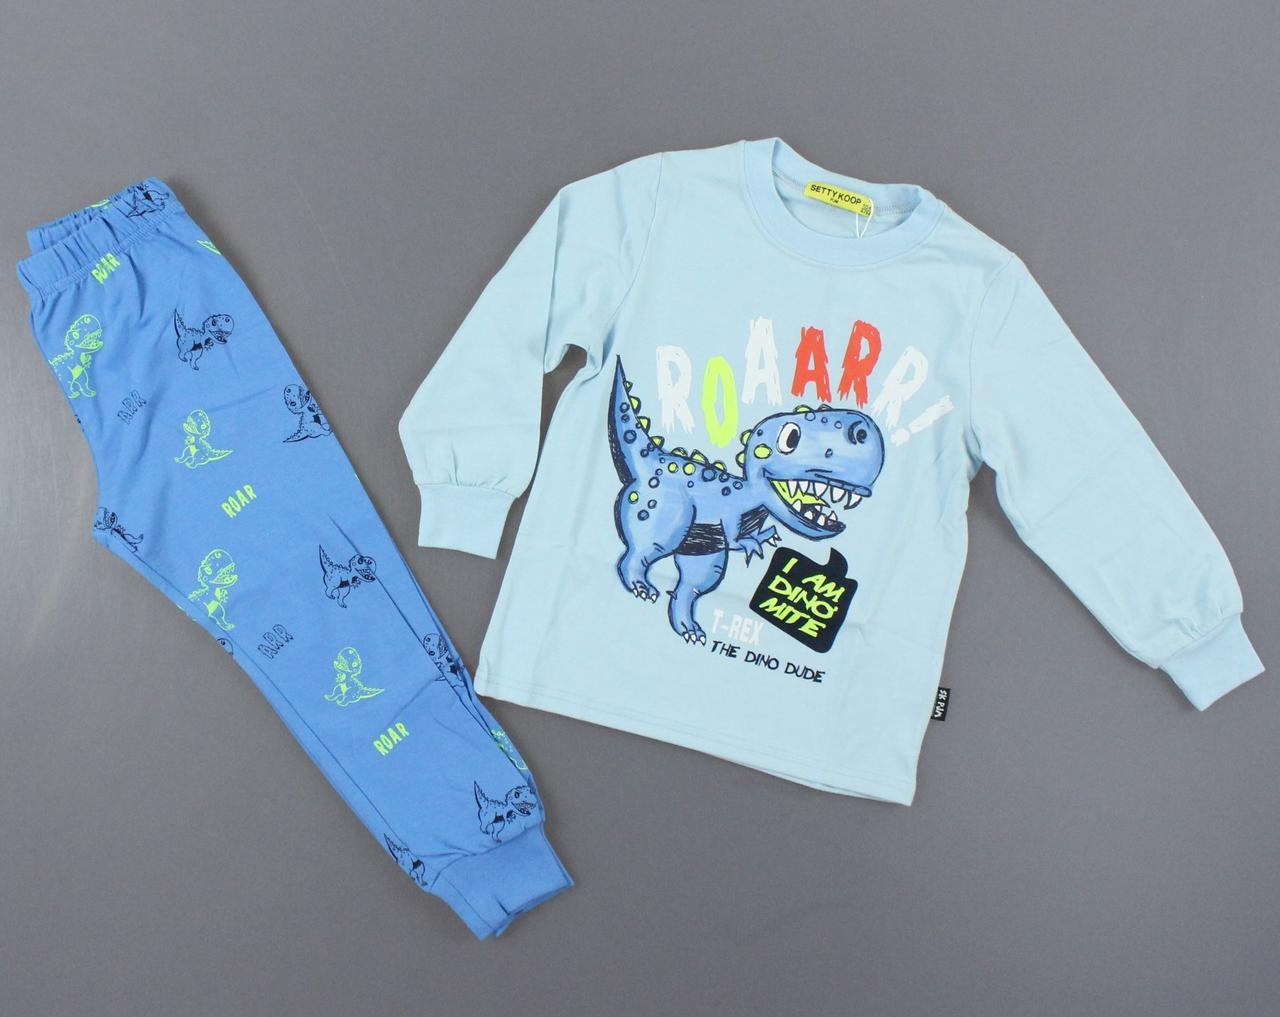 {есть:3/4 года,4/5 лет,7/8 лет} Пижама для мальчиков Setty Koop, Артикул: PJM1003-голубой [3/4 года]